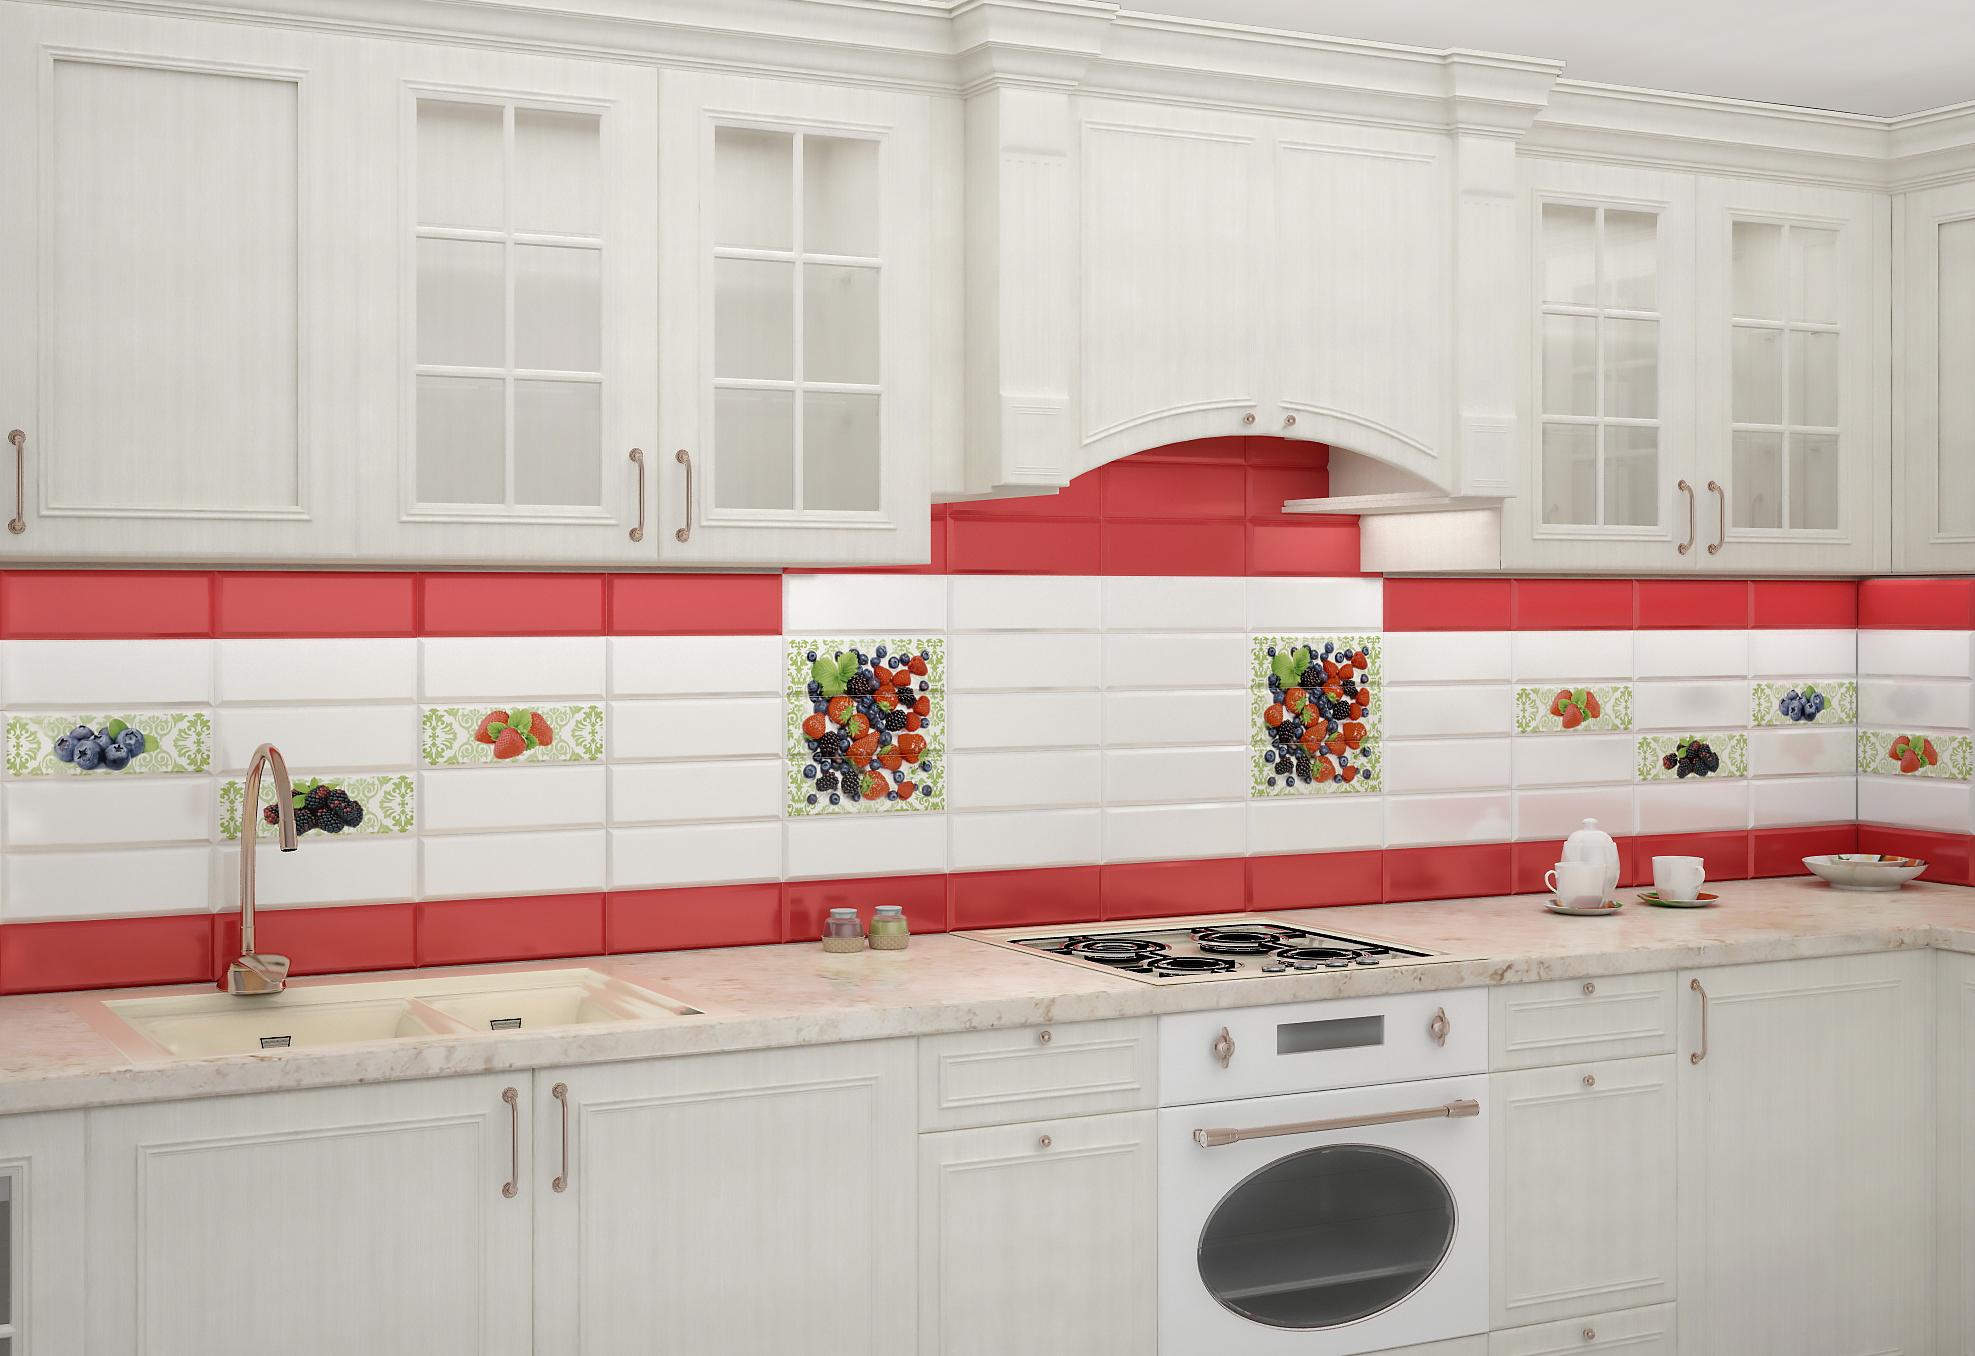 3b2bfb811cf4 Плитка для кухни Винчи (Vinchi) Беррис в Екатеринбурге - Интернет ...